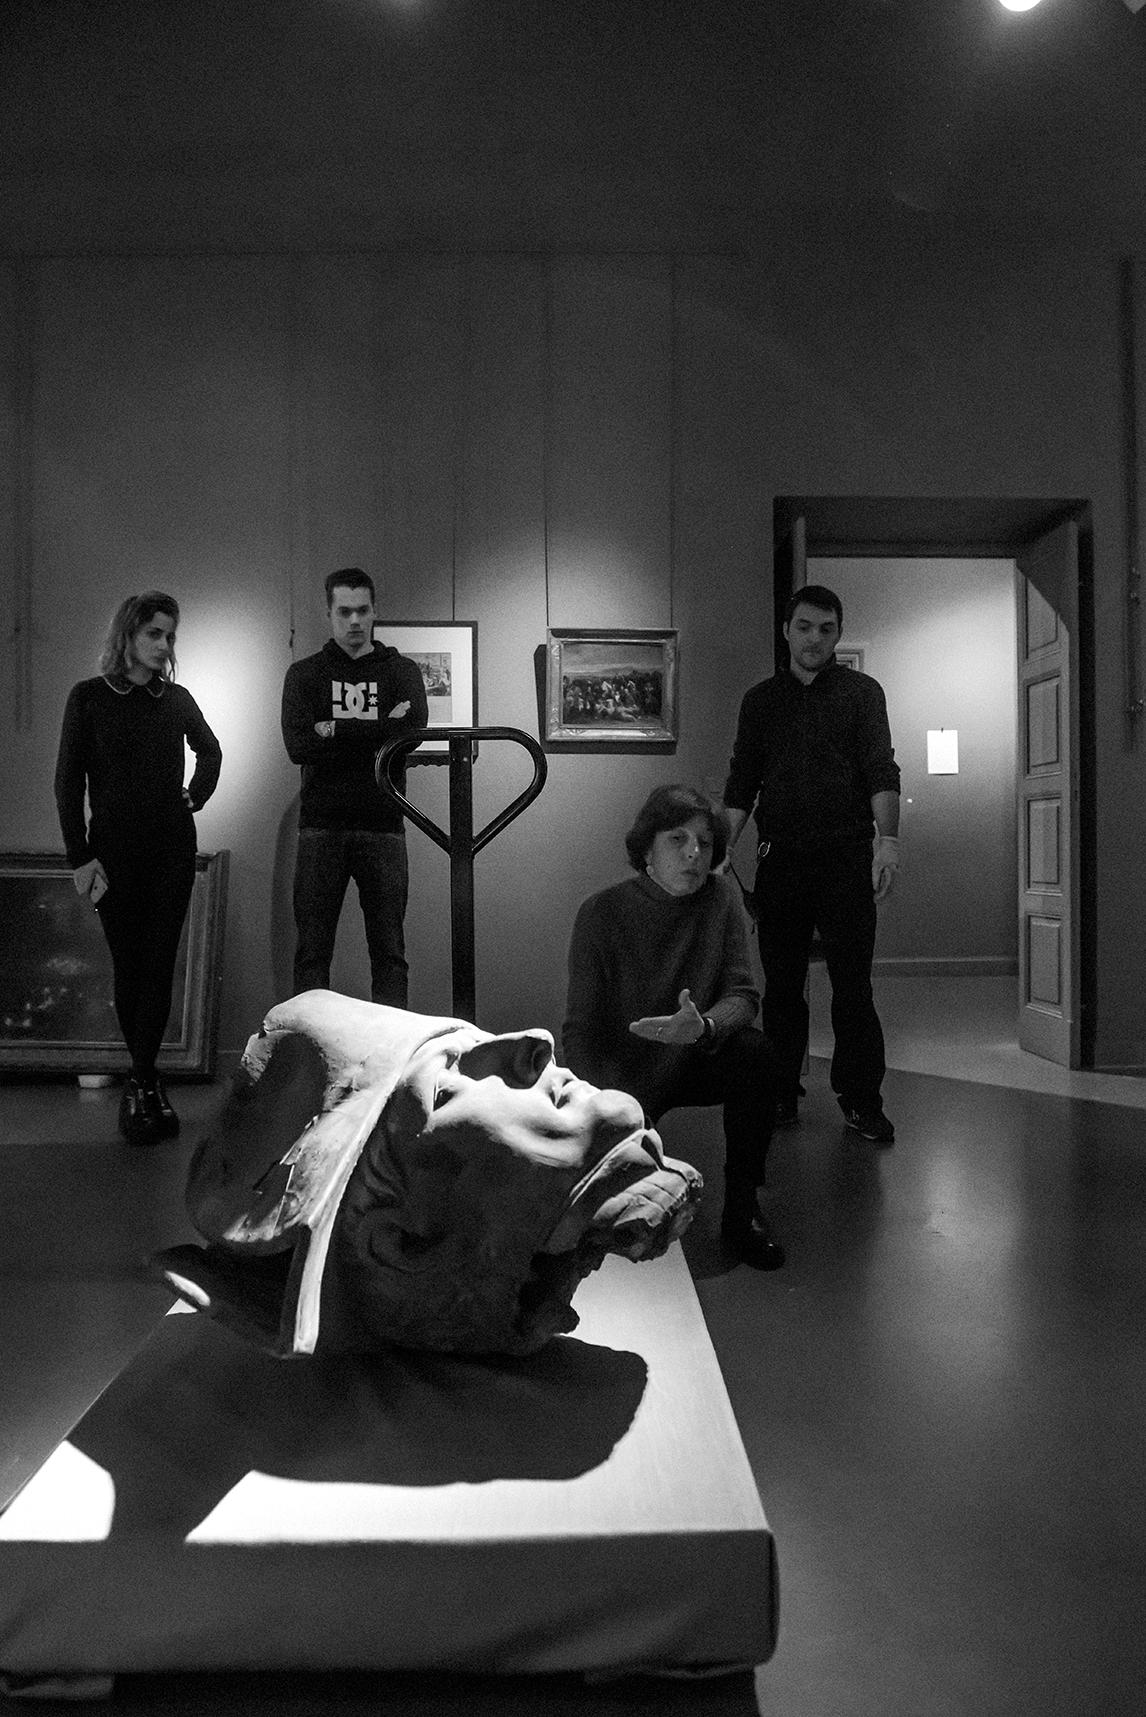 Exposition temporaire. Tête à tête avec Napoléon au Palais Fesch